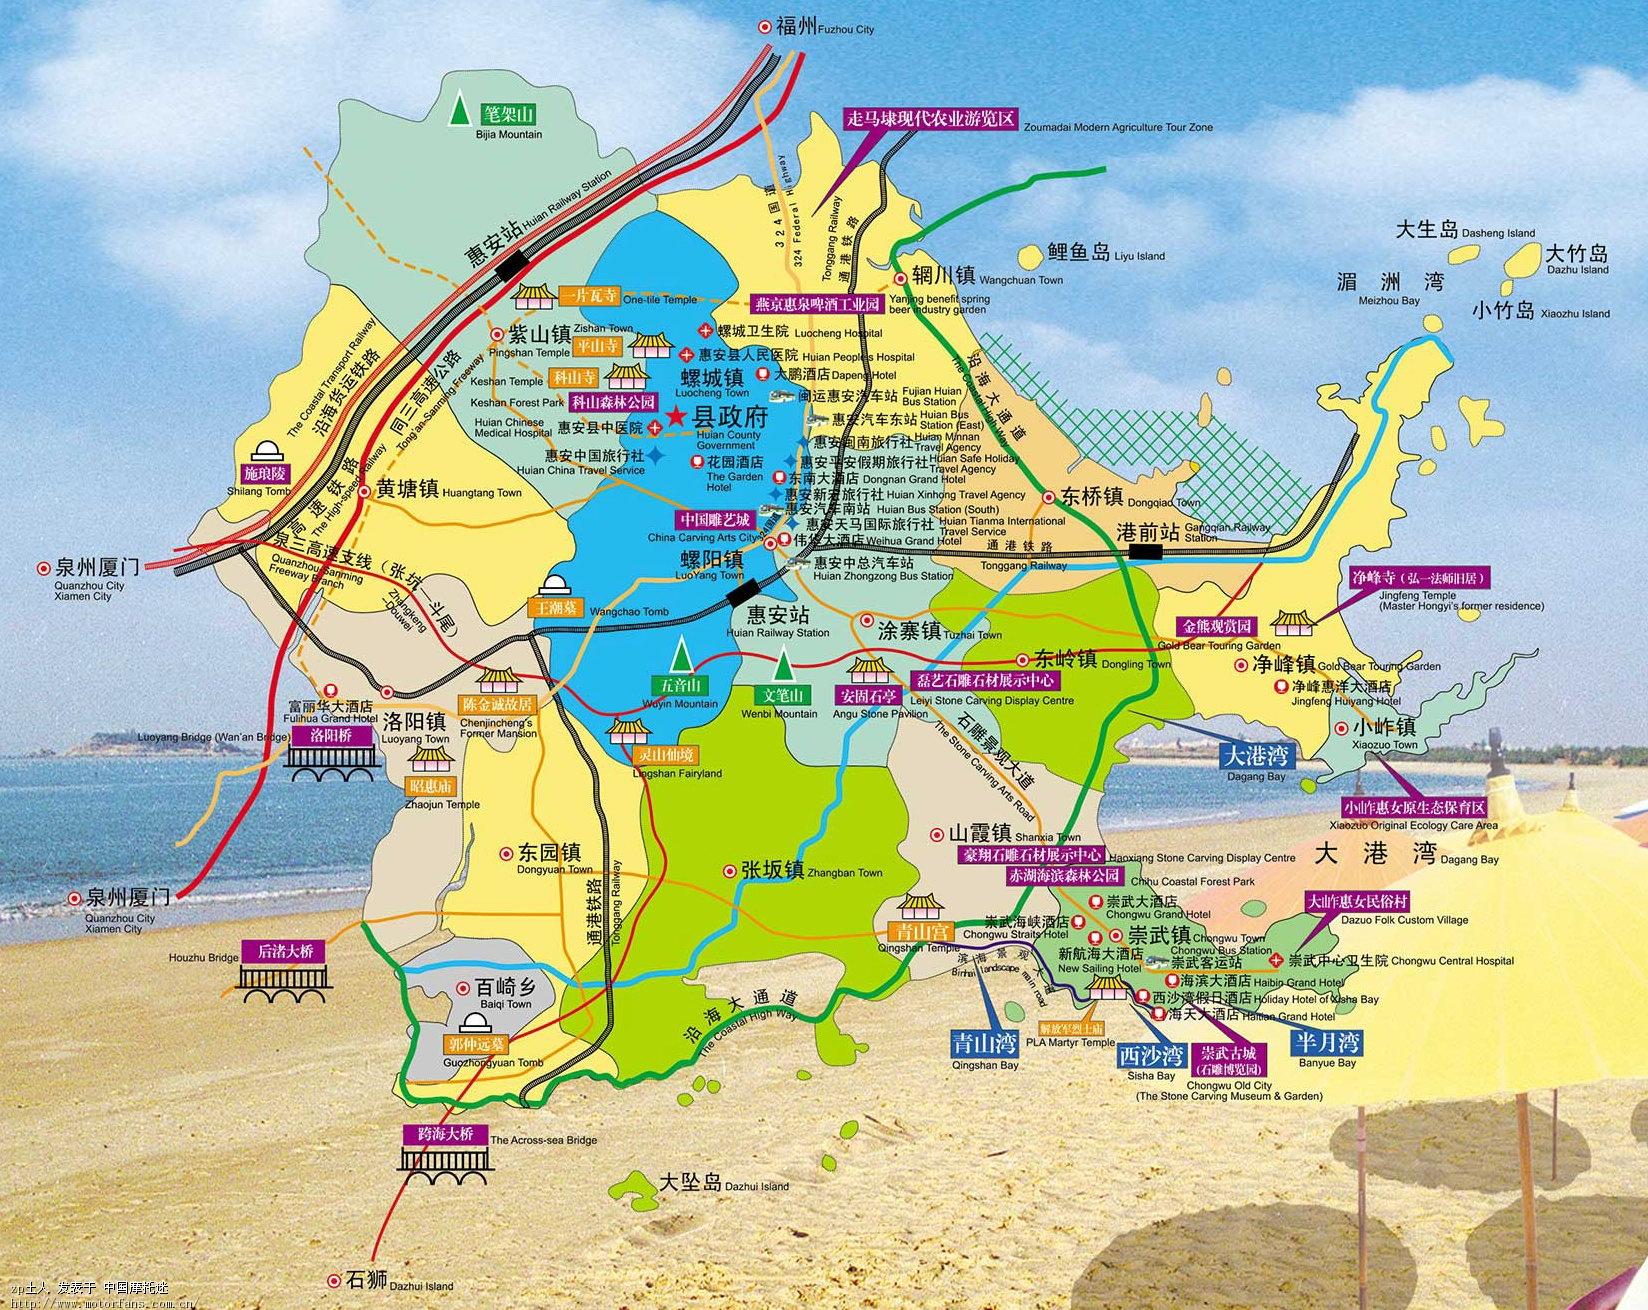 惠安旅游地图(精品)